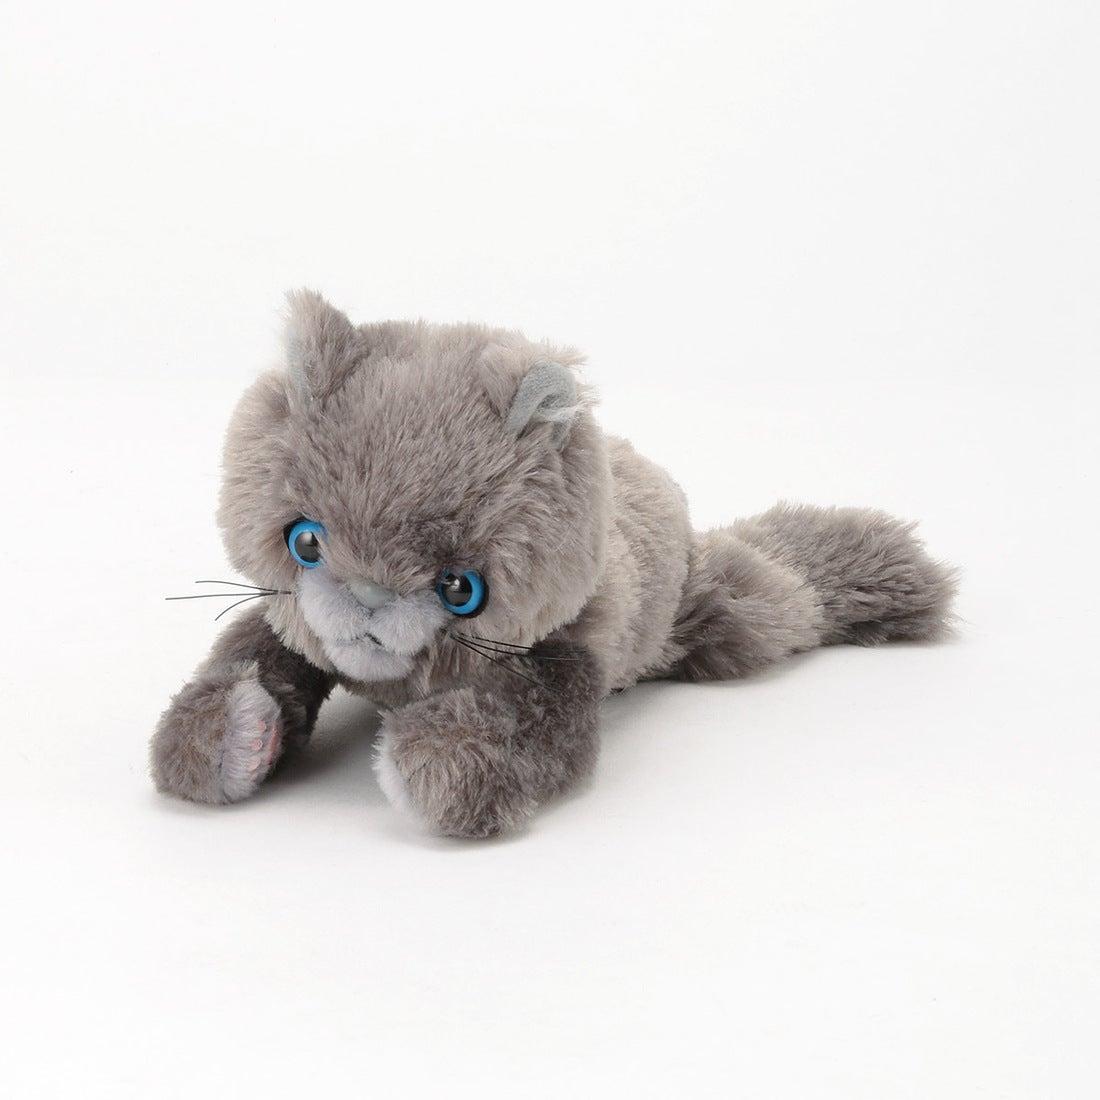 ロコンド 靴とファッションの通販サイトコムサイズム COMME CA ISM 〔モノコムサ〕 抱きぬいぐるみ 子猫 (ロシアンブルー)